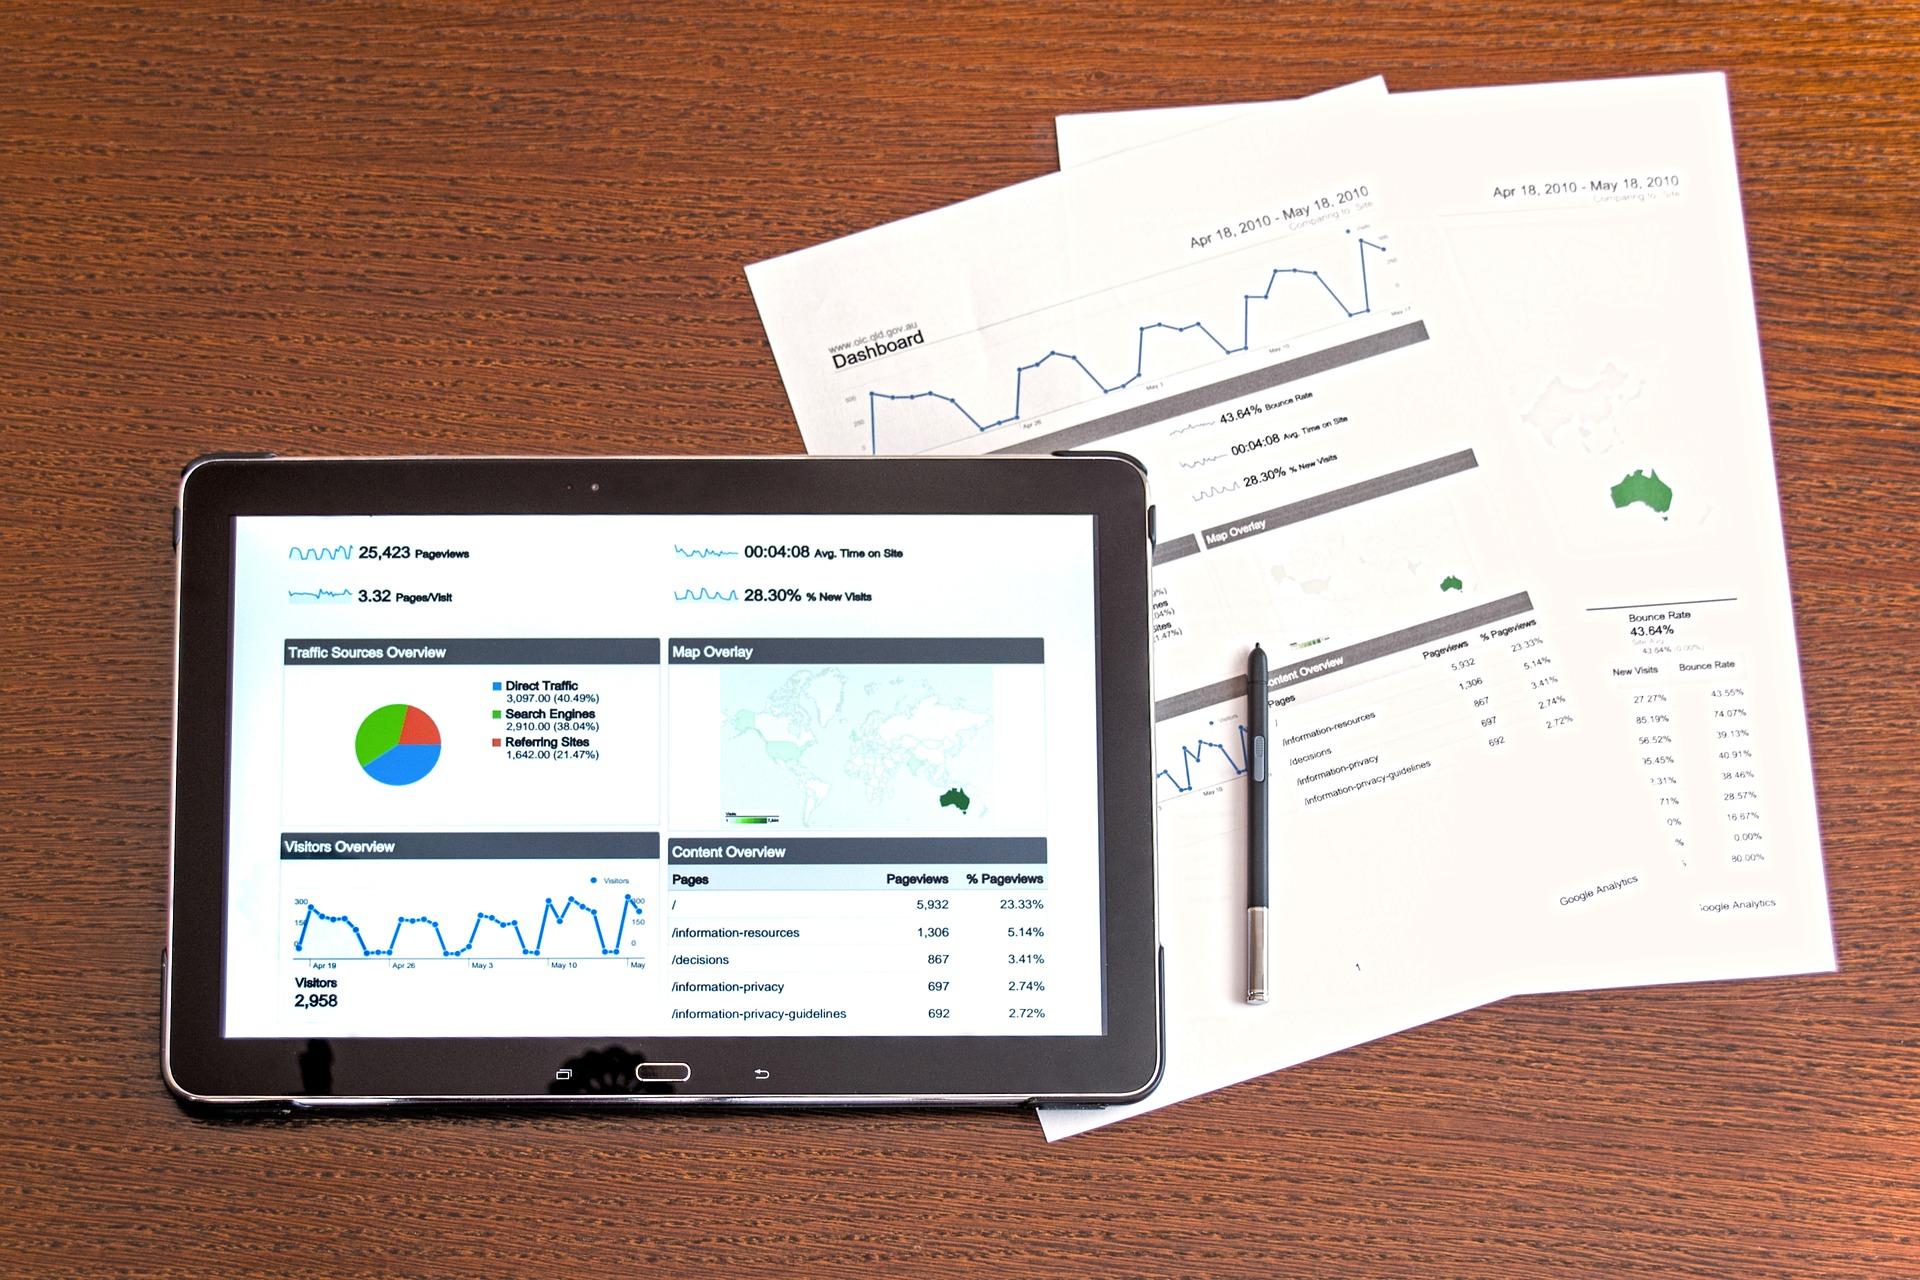 Das Bild zeigt Analysen und Statistiken.